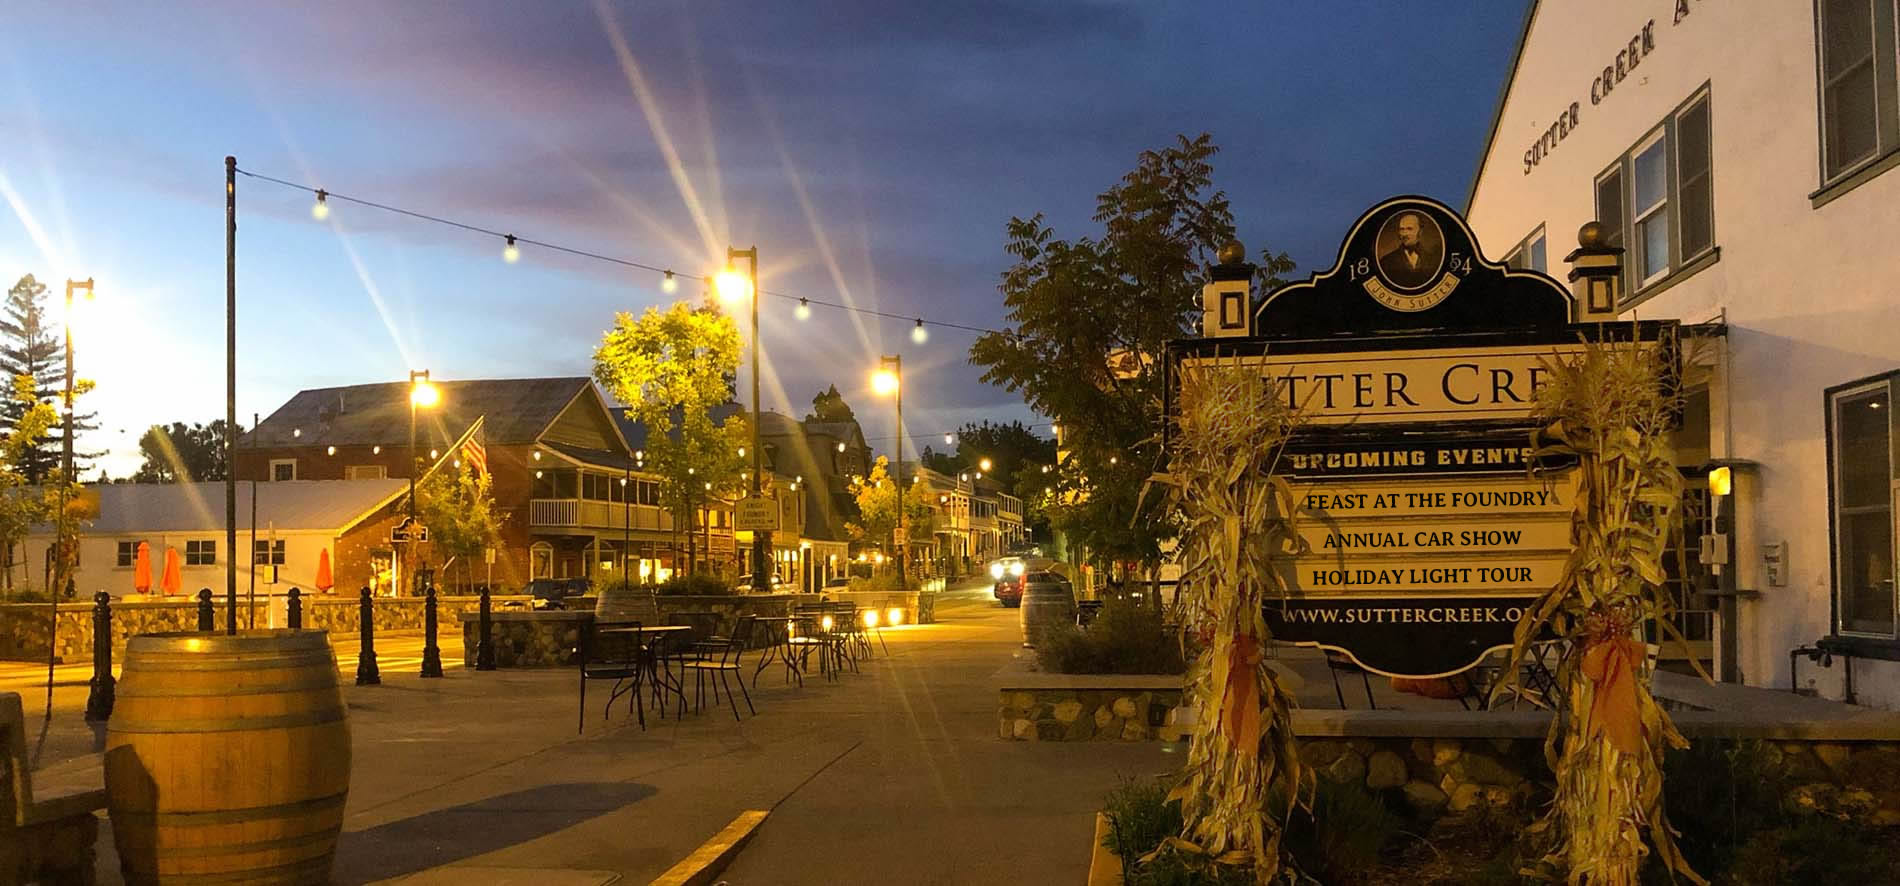 sutter creek plaza evening